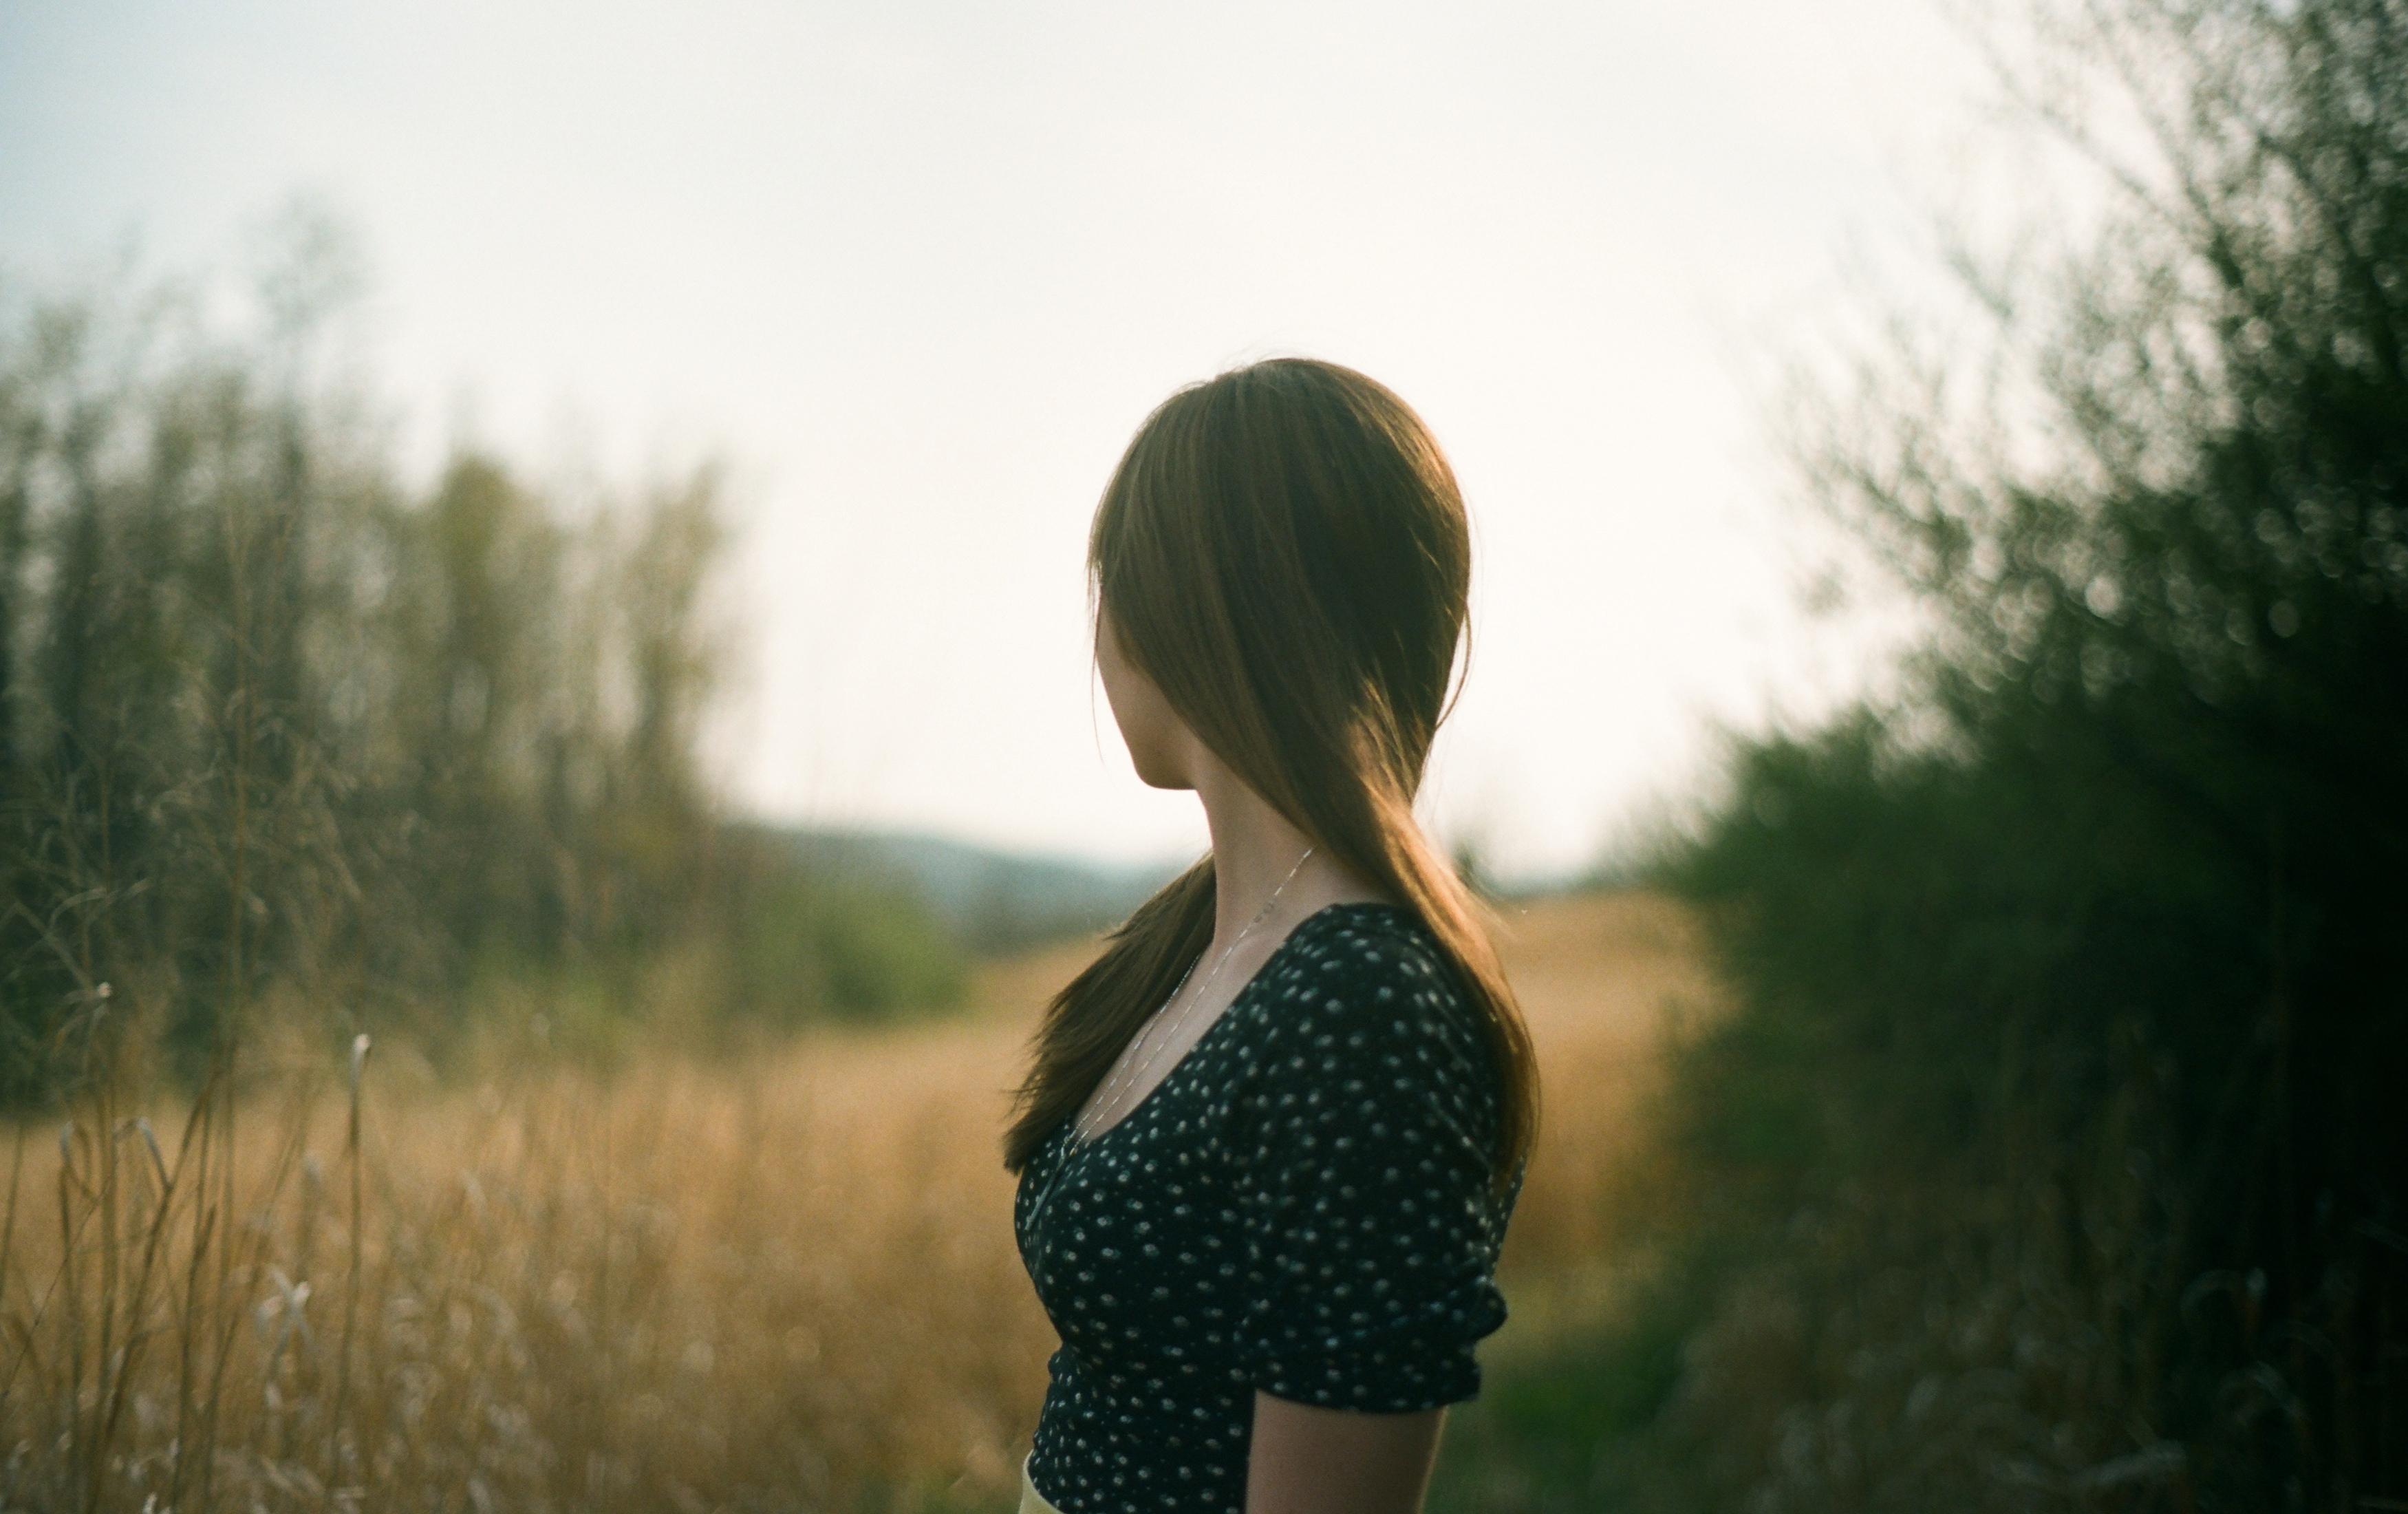 Красивые картинки девушек брюнеток без лица